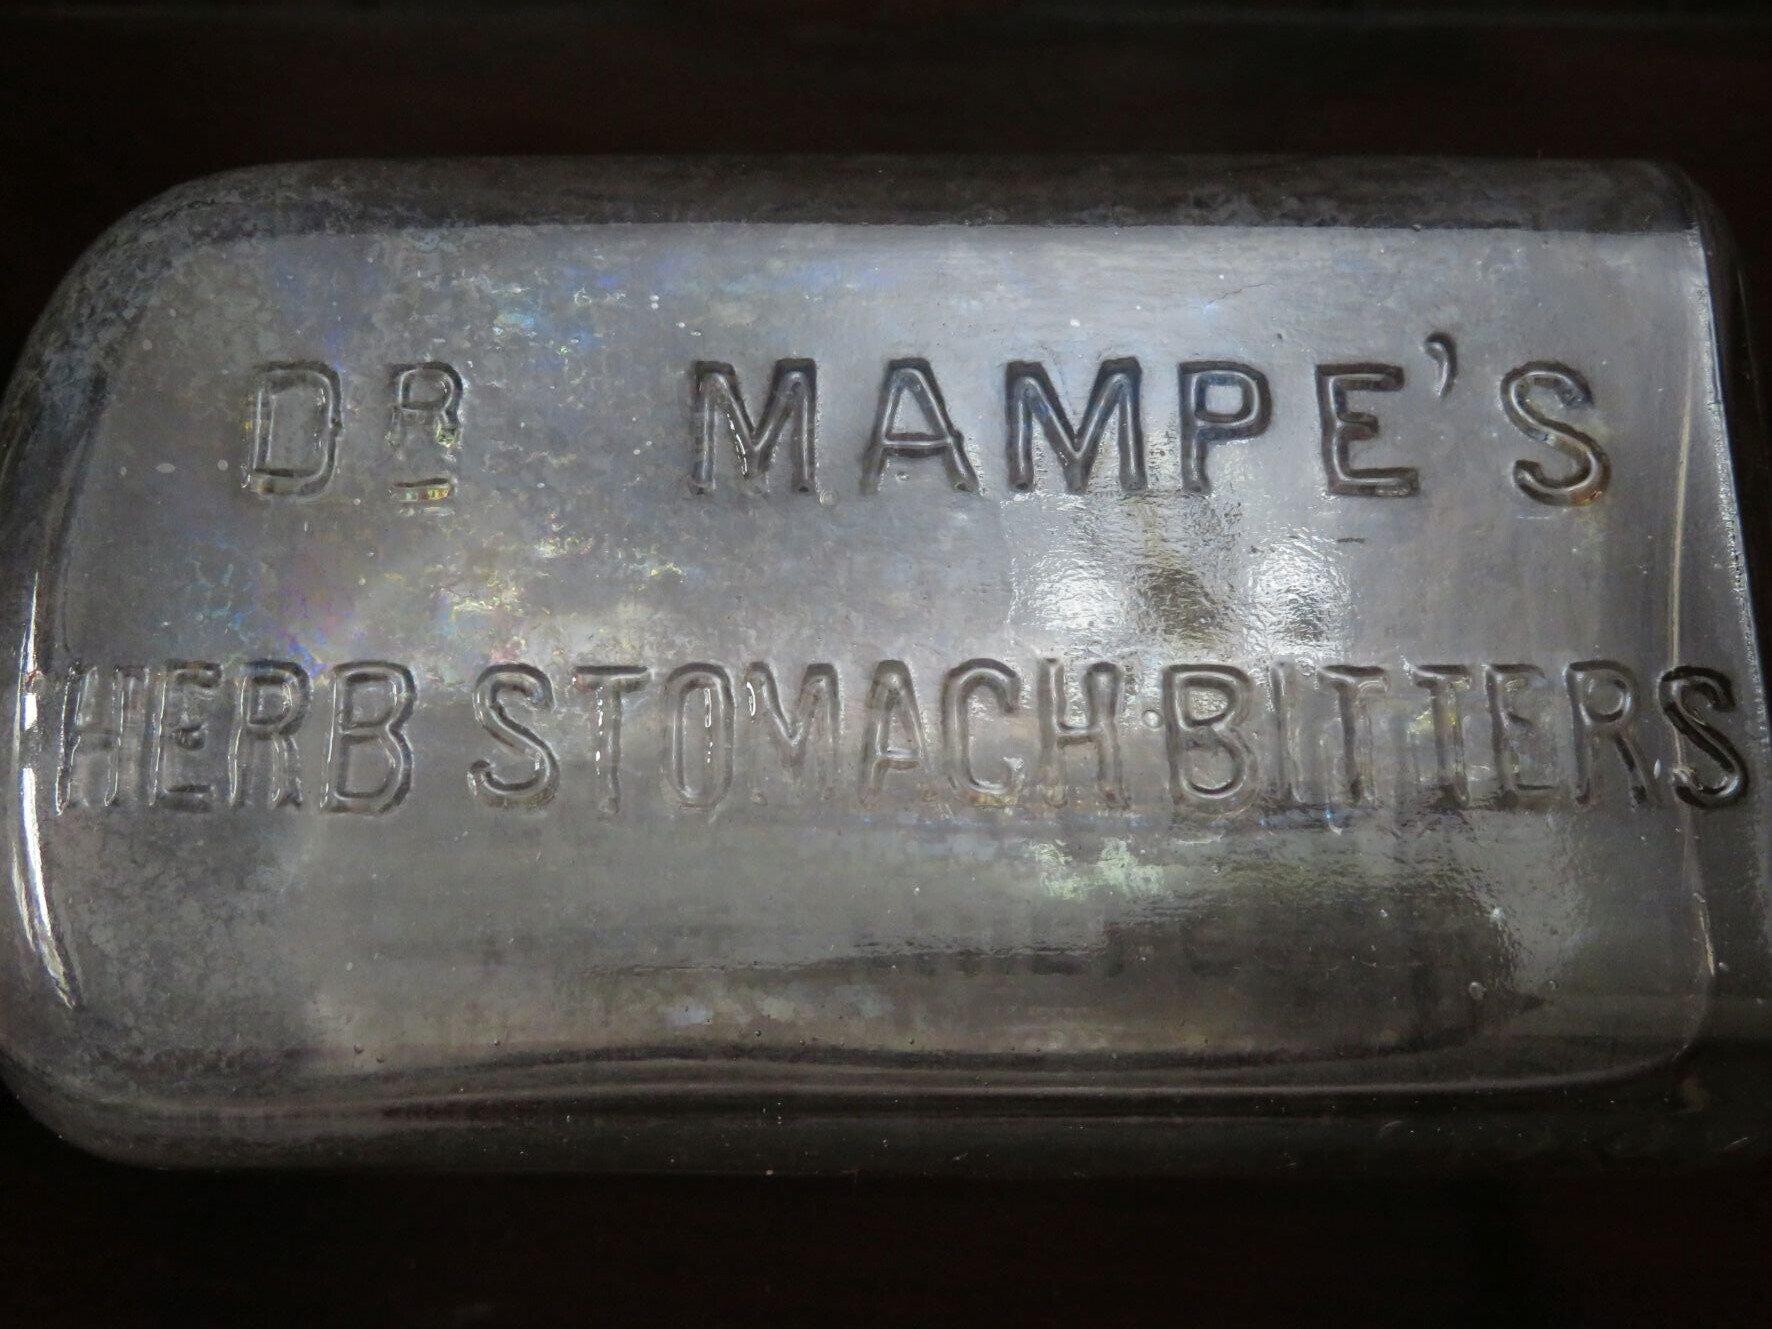 Dr. Mampes Herb Bitters, ©Stephan Becker, Brüssow